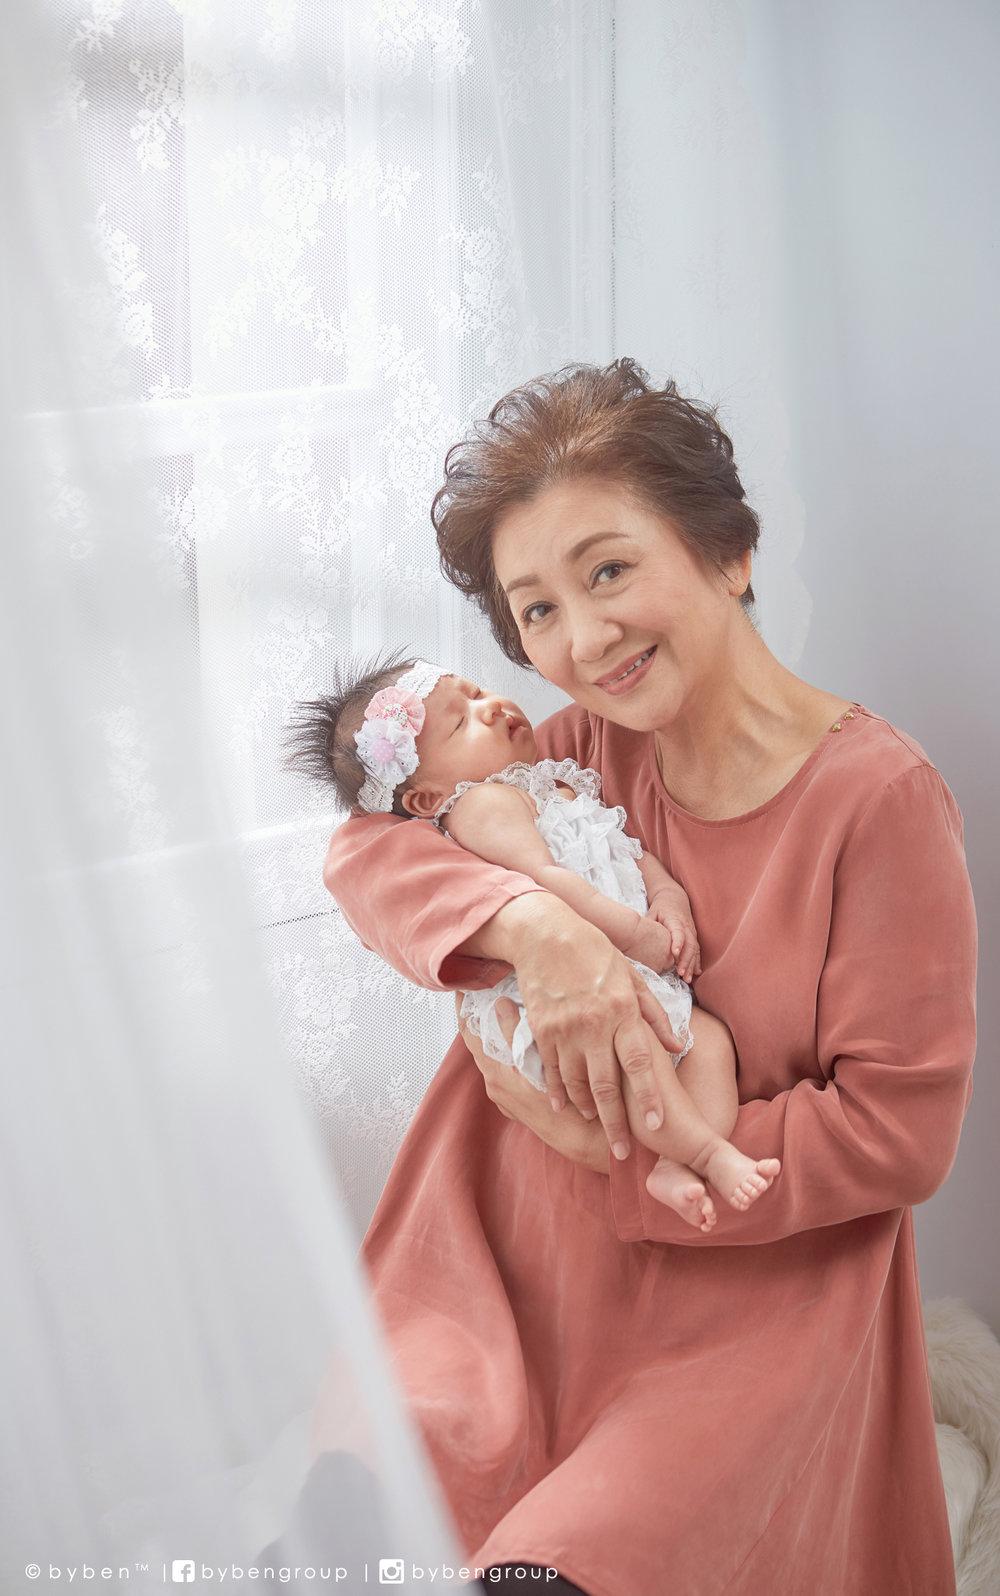 ::對大孫非常溺愛的鮑姐笑說自己未適應小孫女的出現,希望她快點長大對婆婆撒嬌::